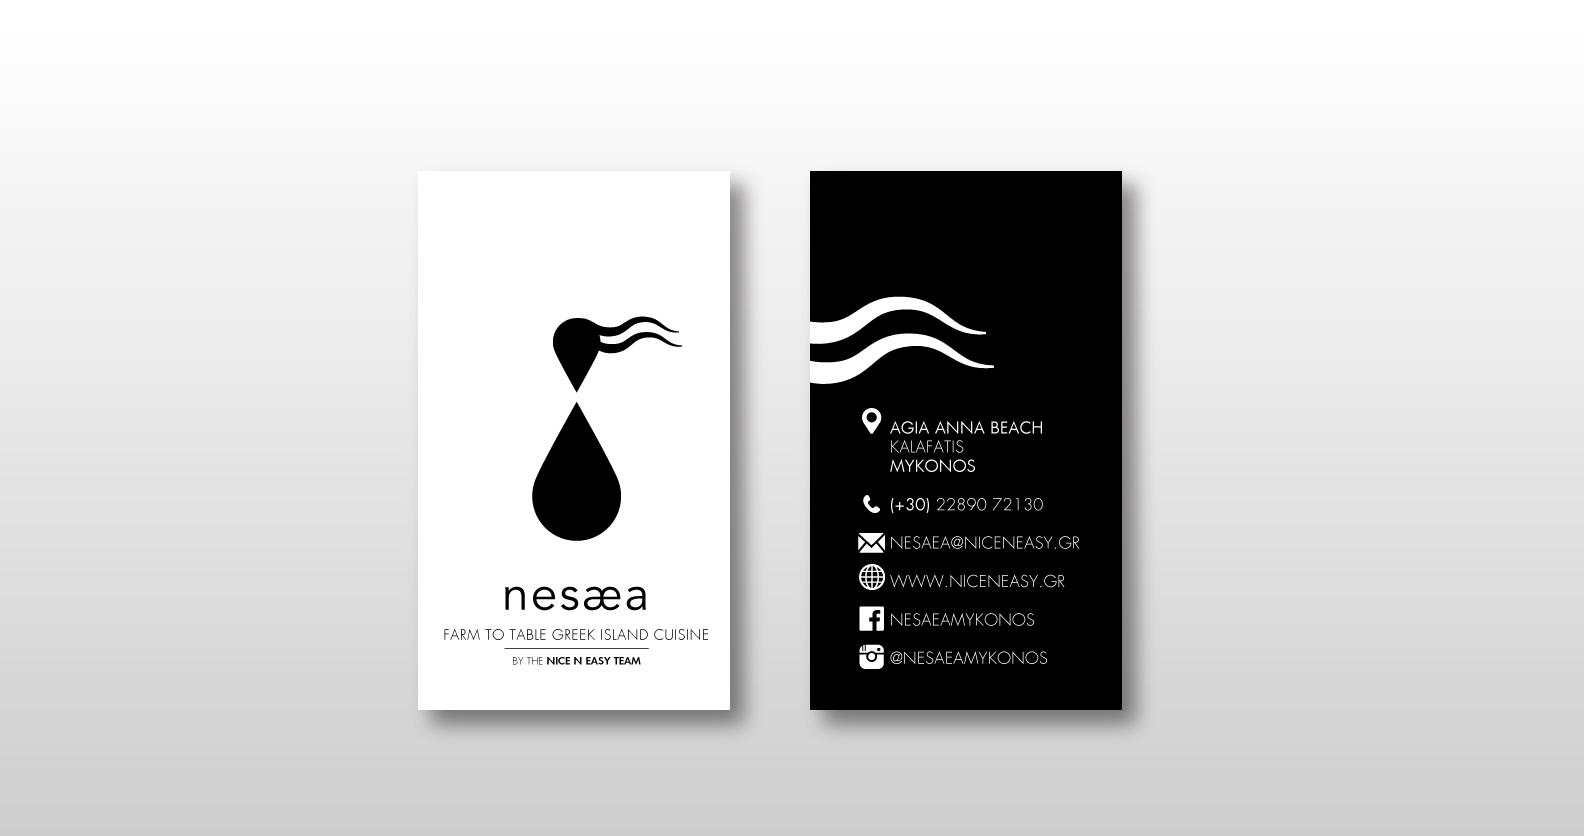 A3-Nesaea-cards